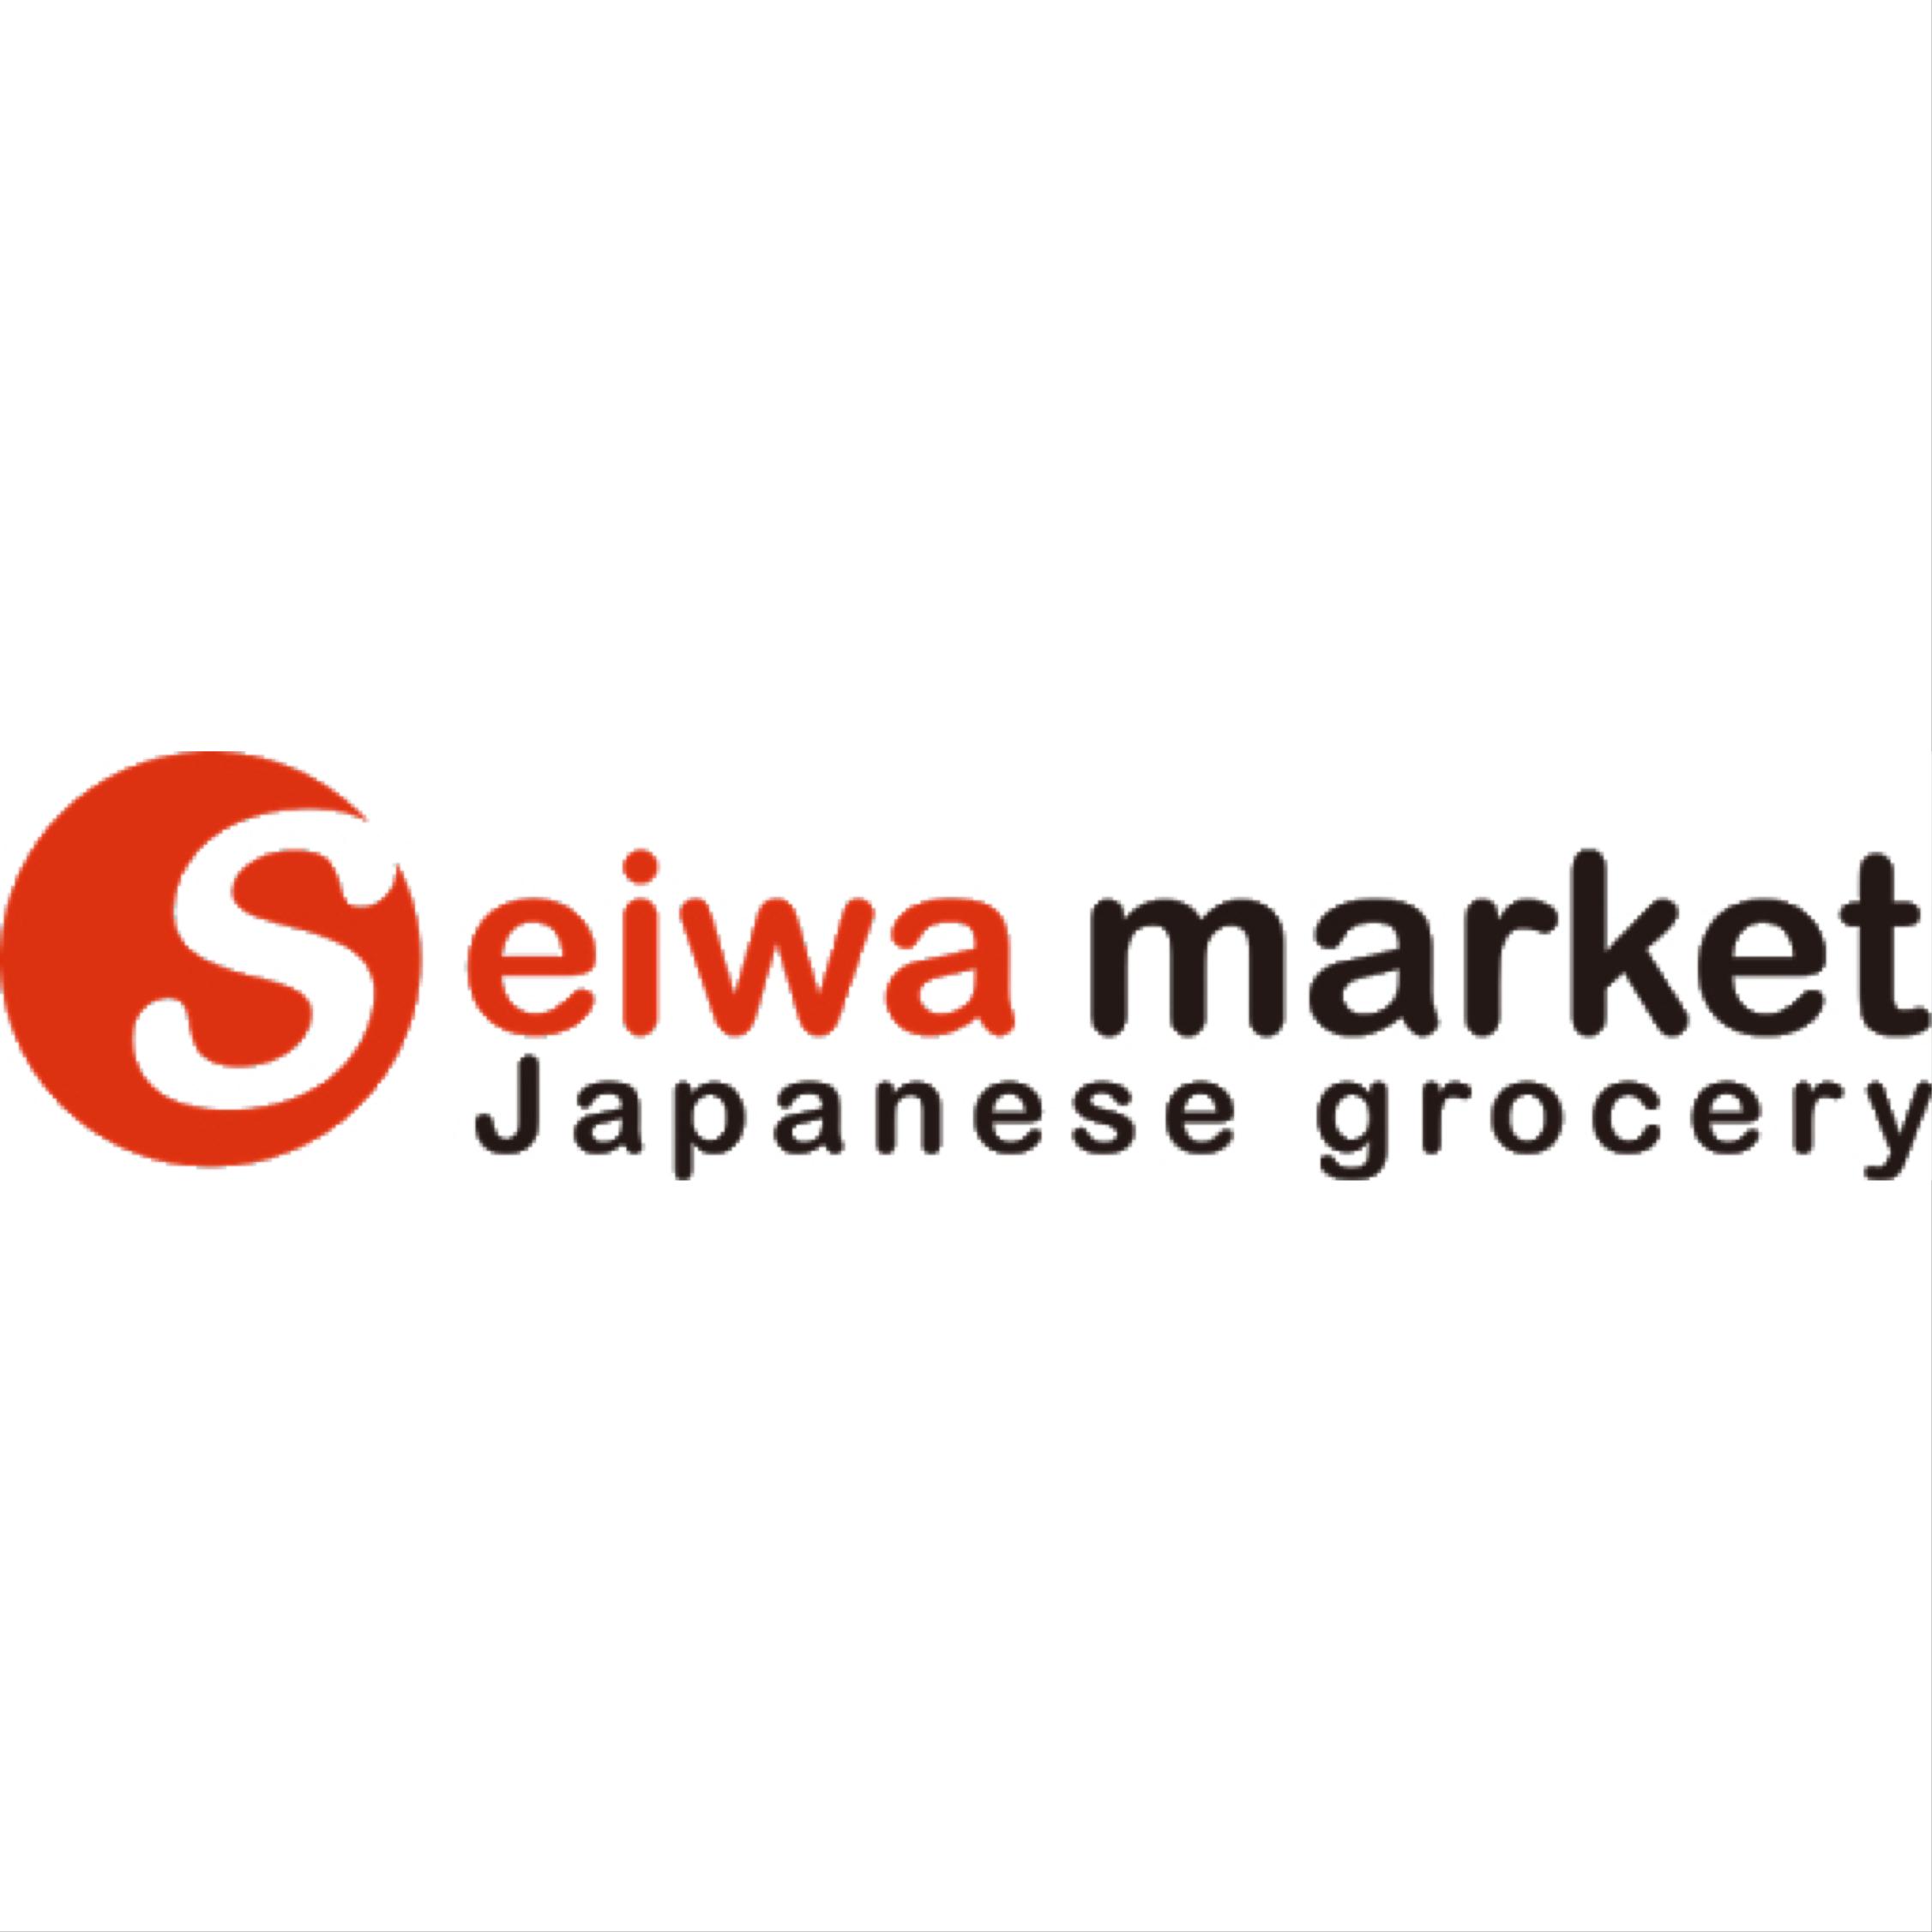 Seiwa